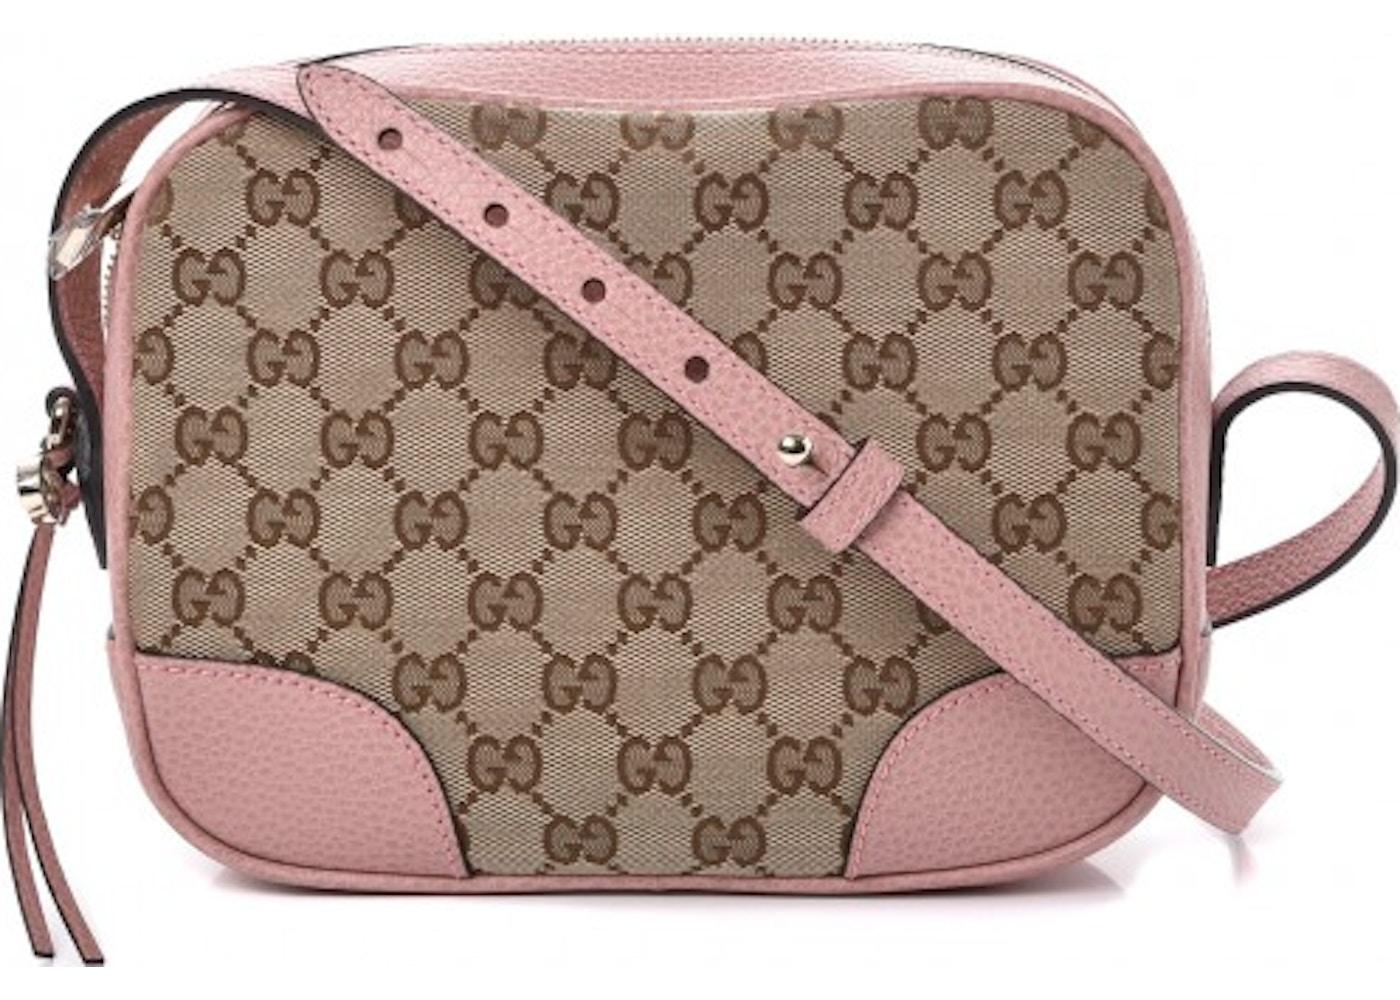 fbd90e929f Gucci Bree Messenger Monogram GG Mini Pink